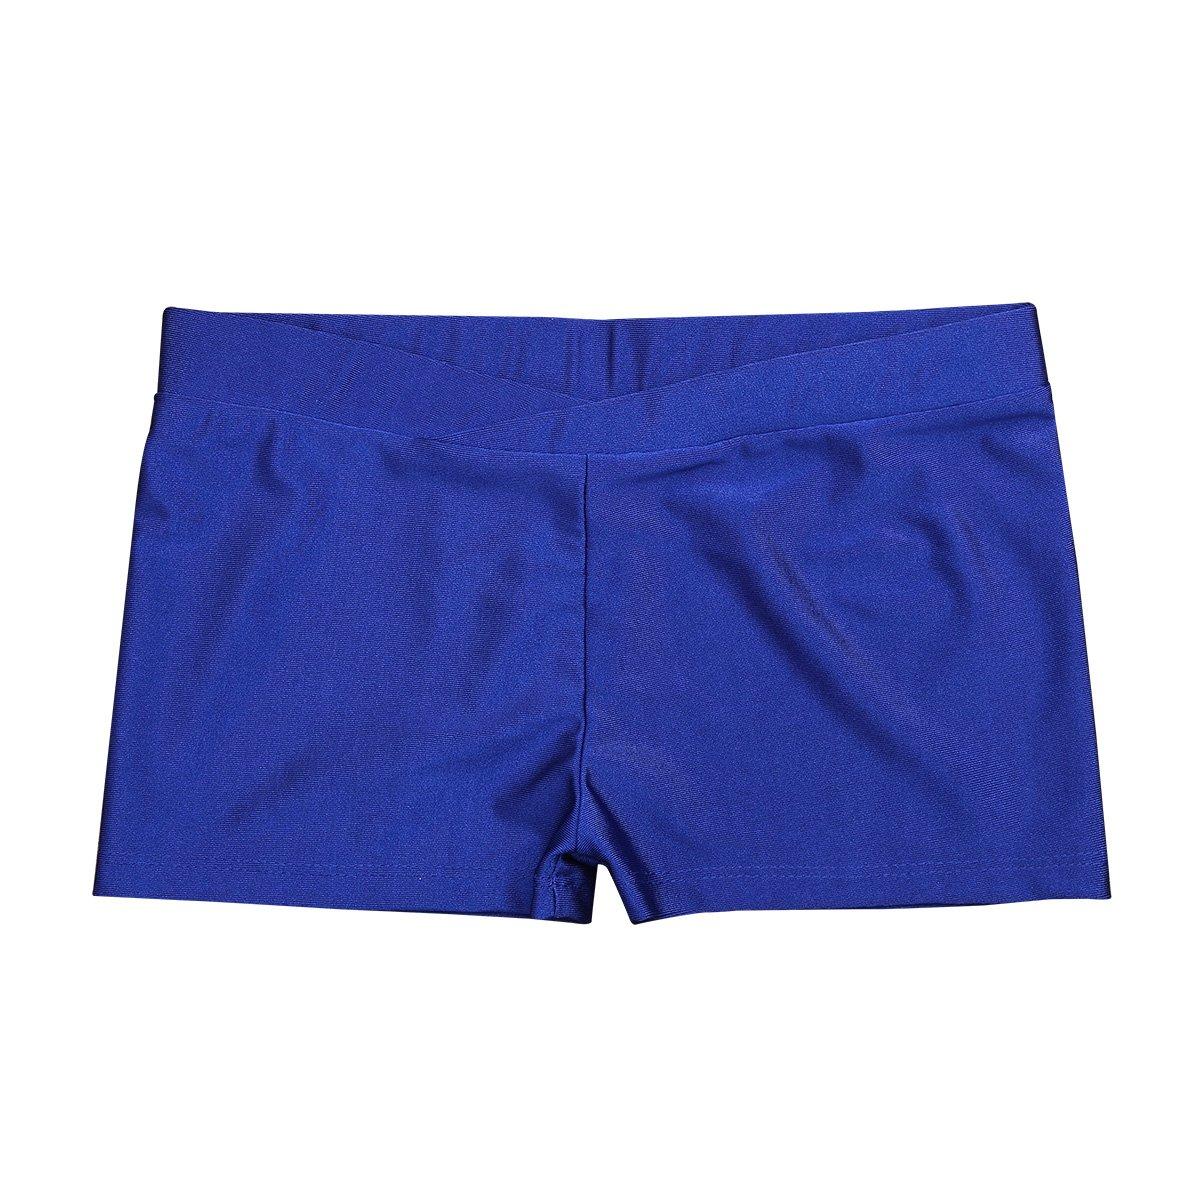 iEFiEL SHORTS ガールズ B07DF9NPKR 8 / 10|Blue V-front Blue V-front 43687